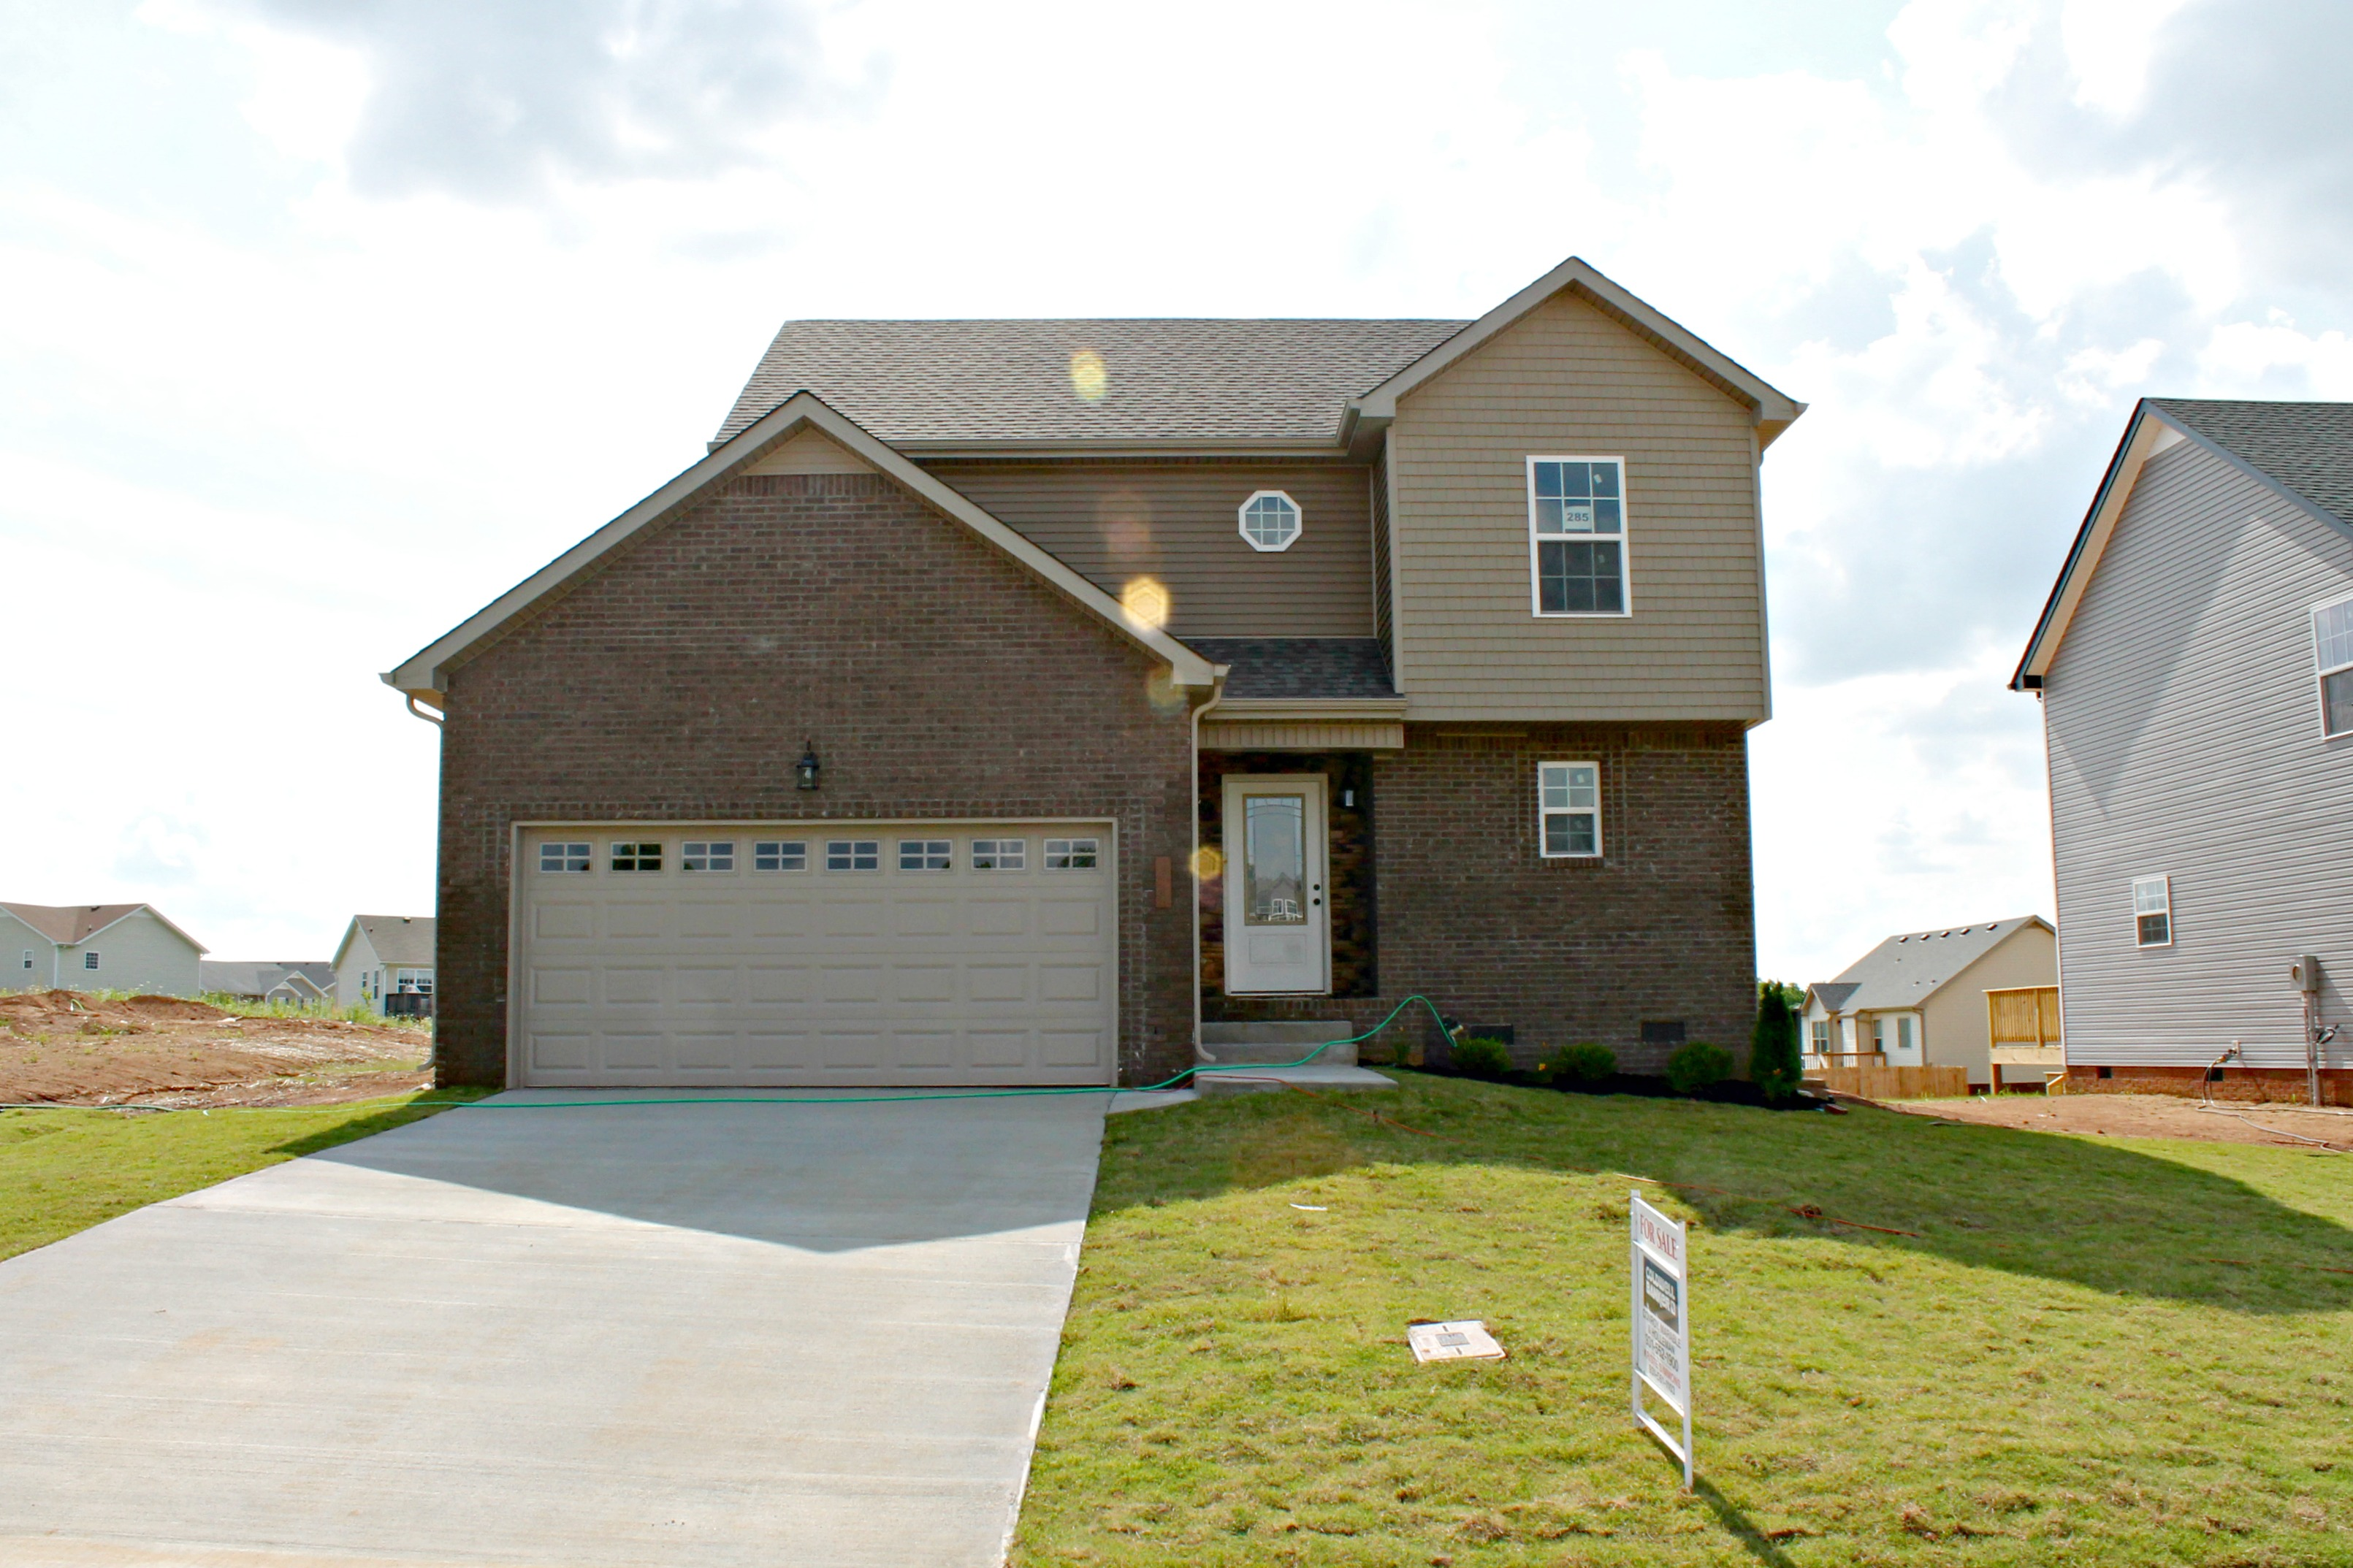 1023 Dwight Eisenhower Way Clarksville, TN 37042